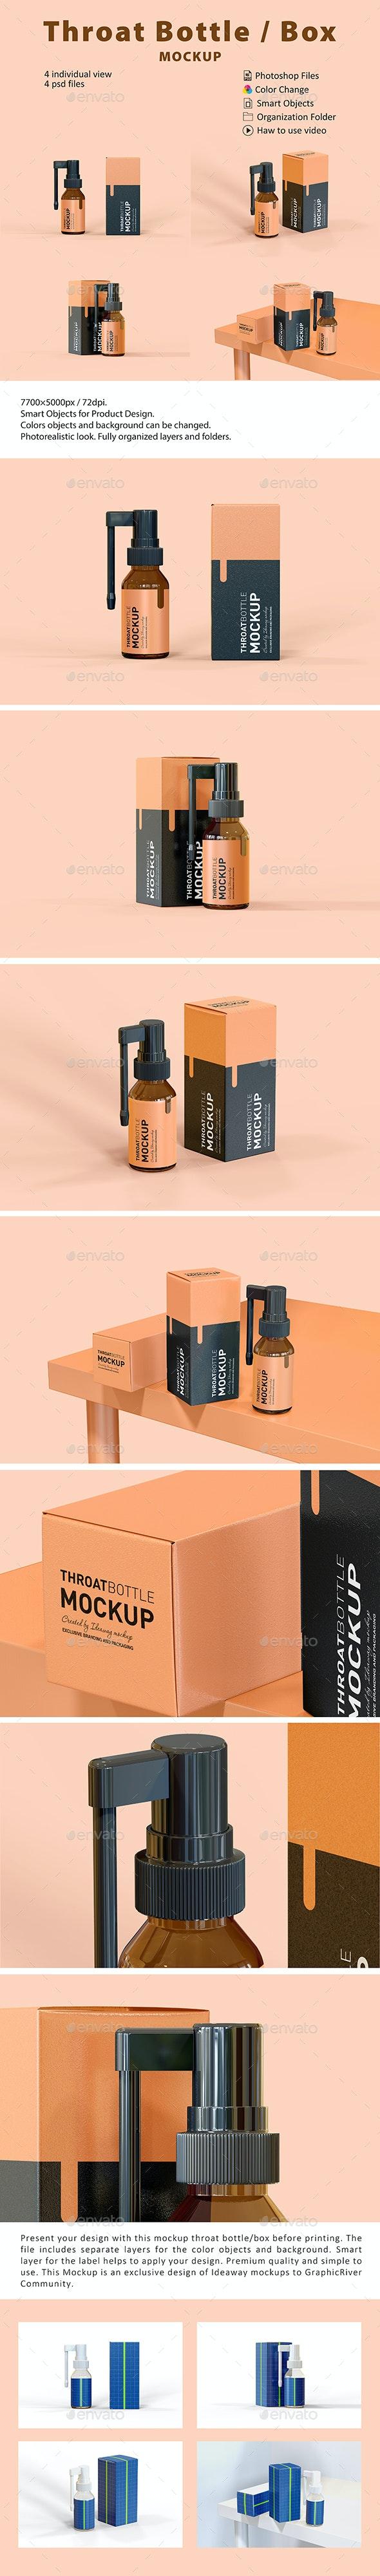 Throat Bottle Box Mockup - Beauty Packaging